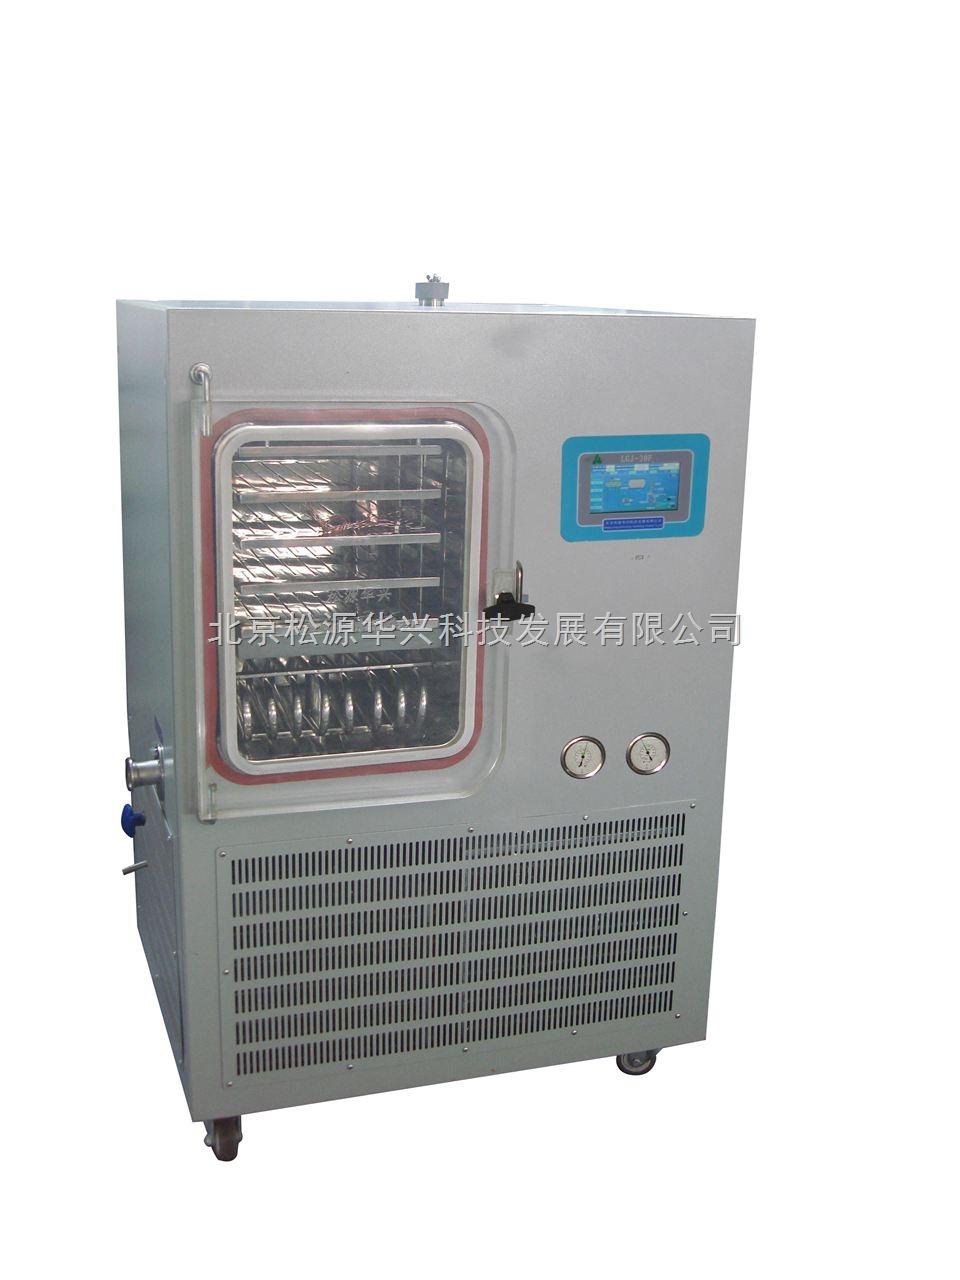 LGJ-30F中试真空冷冻干燥机